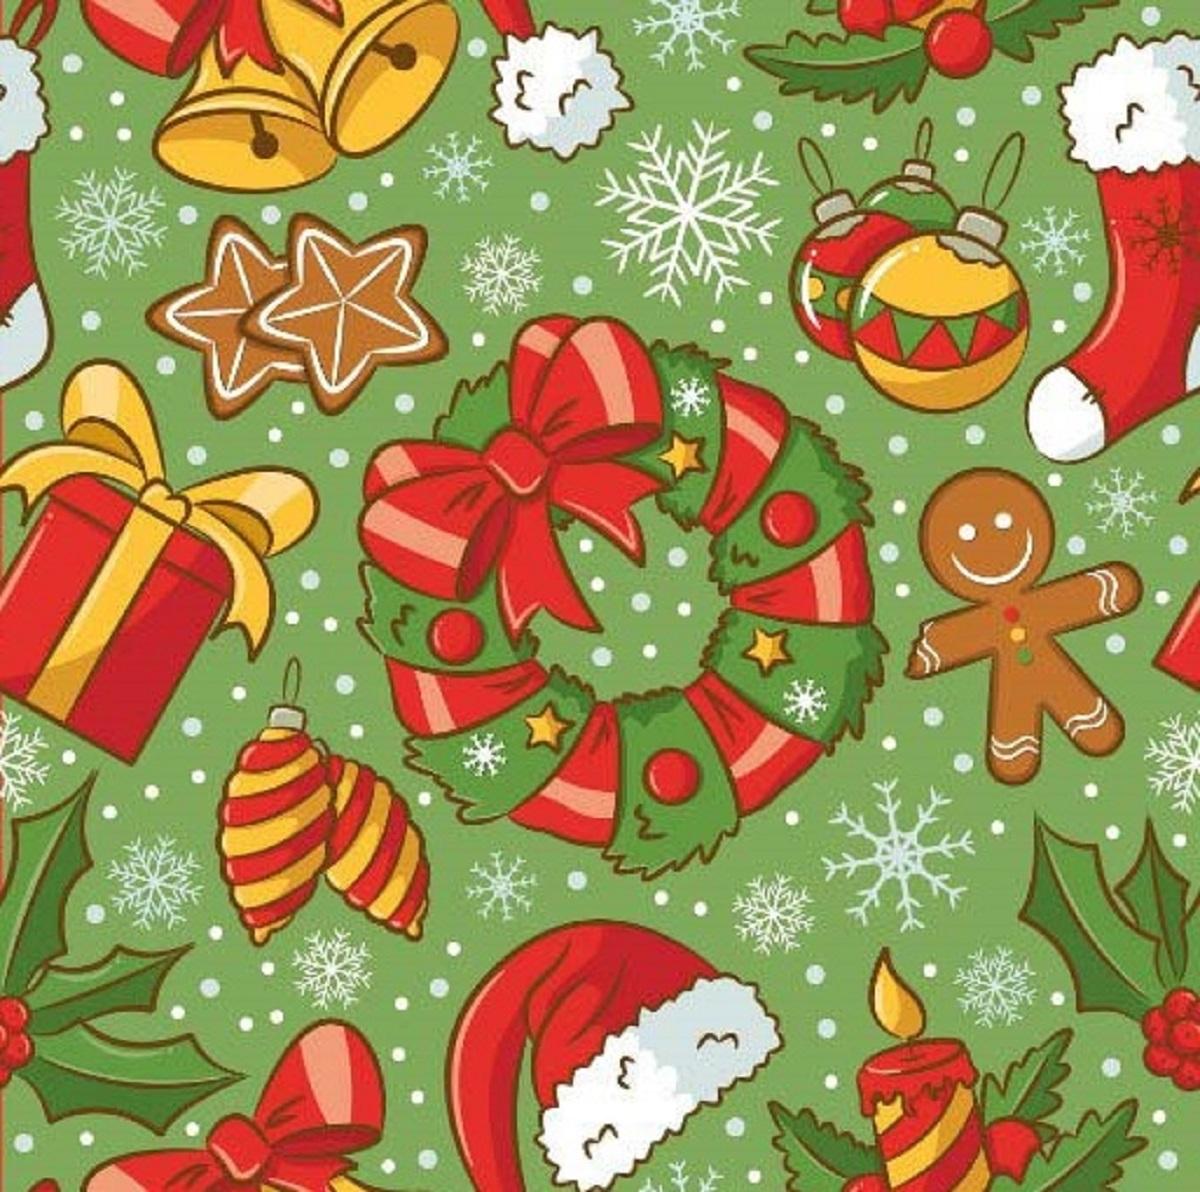 Салфетки бумажные Gratias Рождество, цвет: зеленый, трехслойные, 33 х 33 см, 20 шт92247Трехслойные бумажные салфетки Gratias Рождество,выполненные из натуральной целлюлозы, станутотличным дополнением любого праздничного стола. Ониотличаются необычной мягкостью и прочностью.Размер листа: 33 х 33 см.Количество слоев: 3.